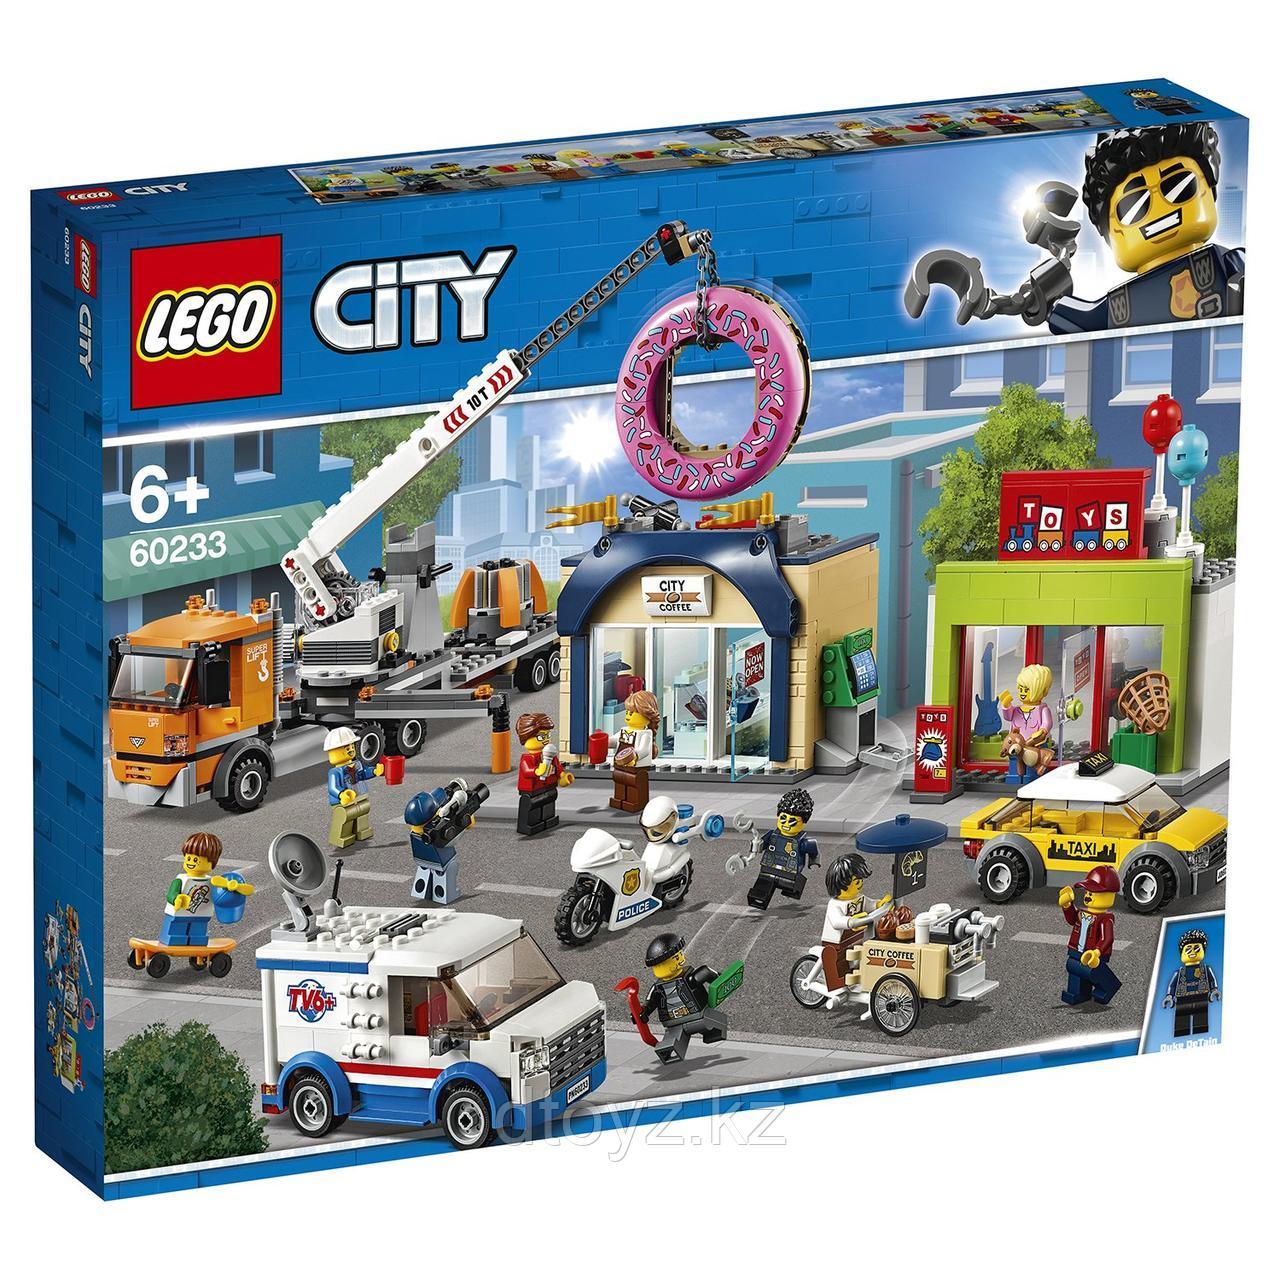 Lego City 60233 Открытие магазина по продаже пончиков , Лего Город Сити